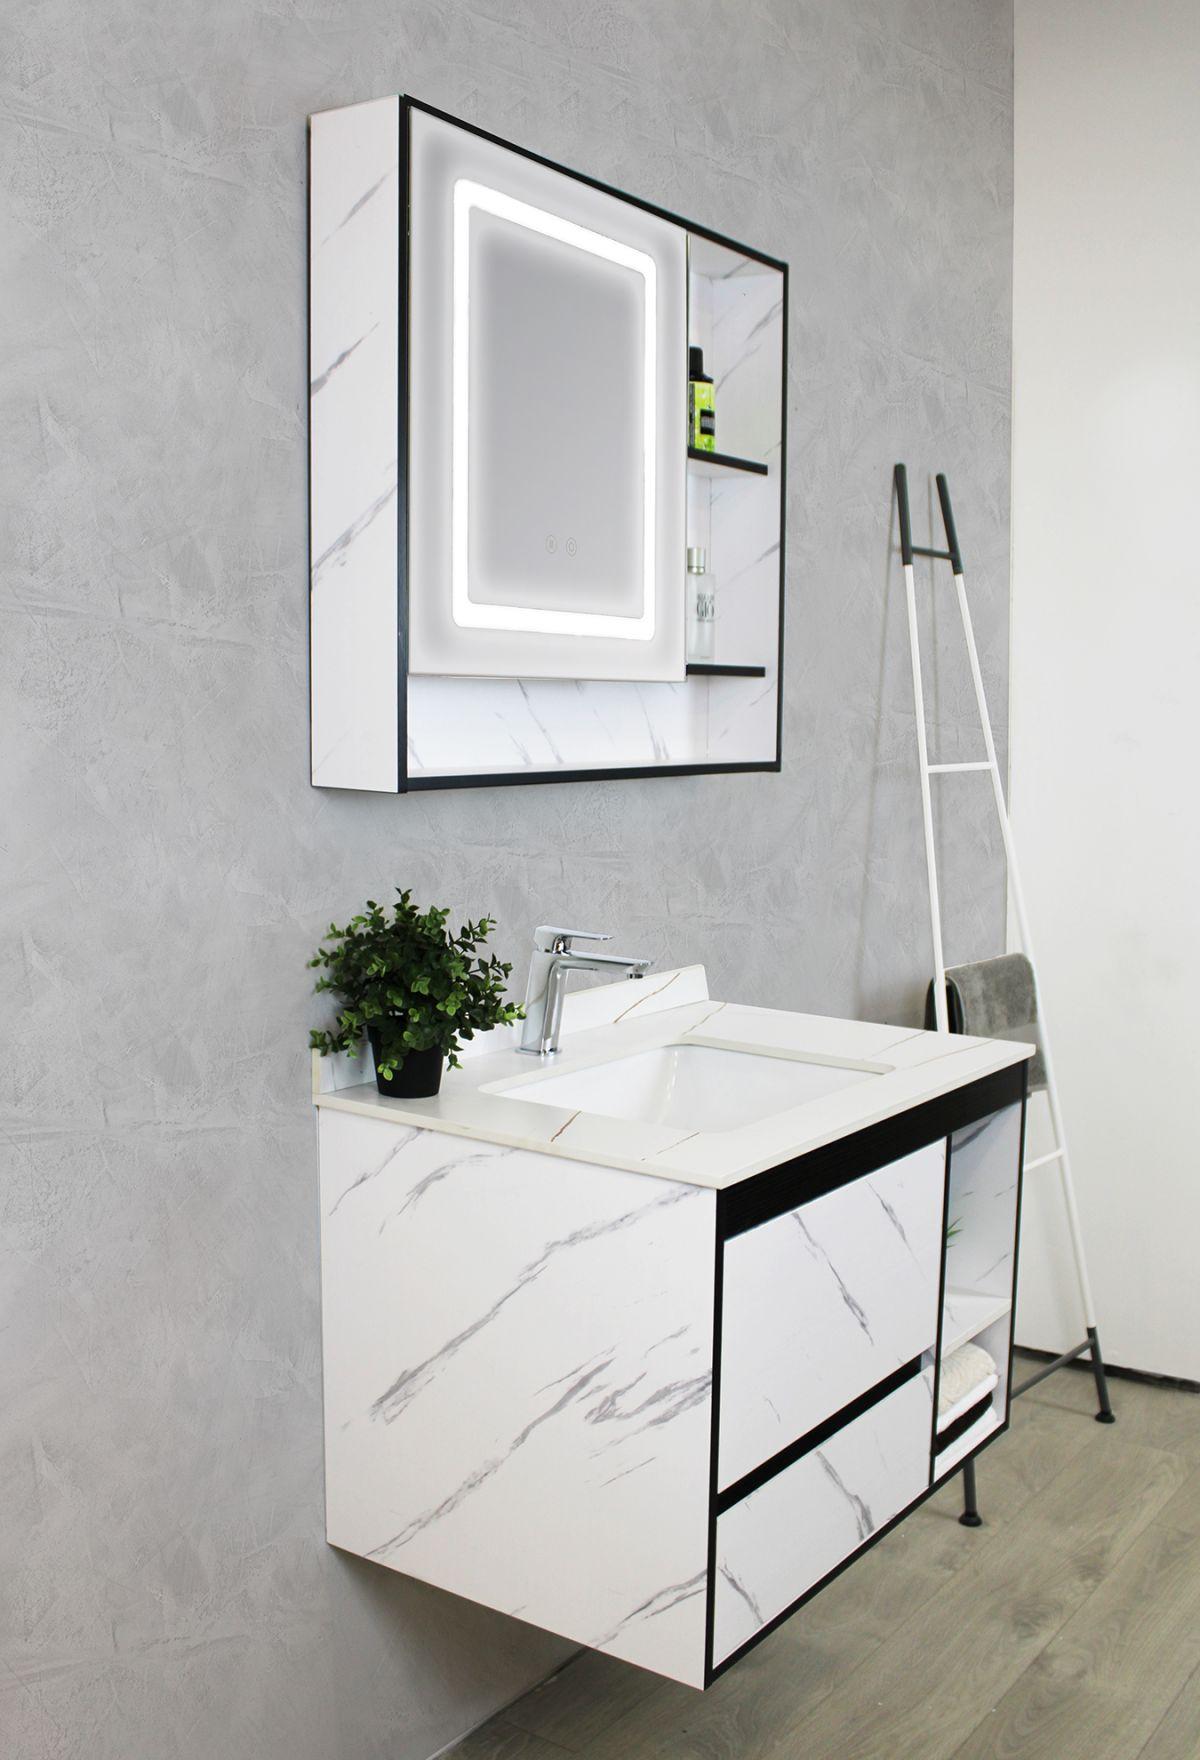 Mobile Bagno sospeso Perugia 4 Mobile bagno Madrid sospeso da 80 cm bianco effetto marmo con lavabo sottopiano specchio e moduli a giorno